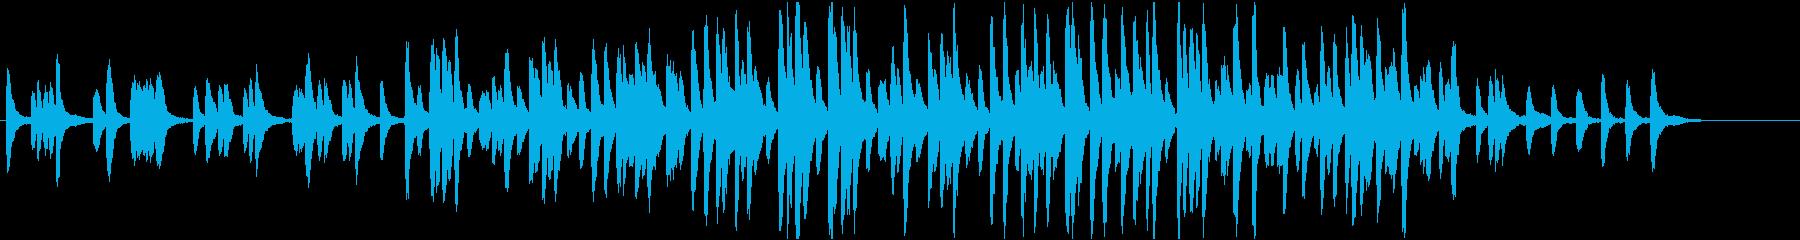 切なく静かなマリンバ系BGMの再生済みの波形